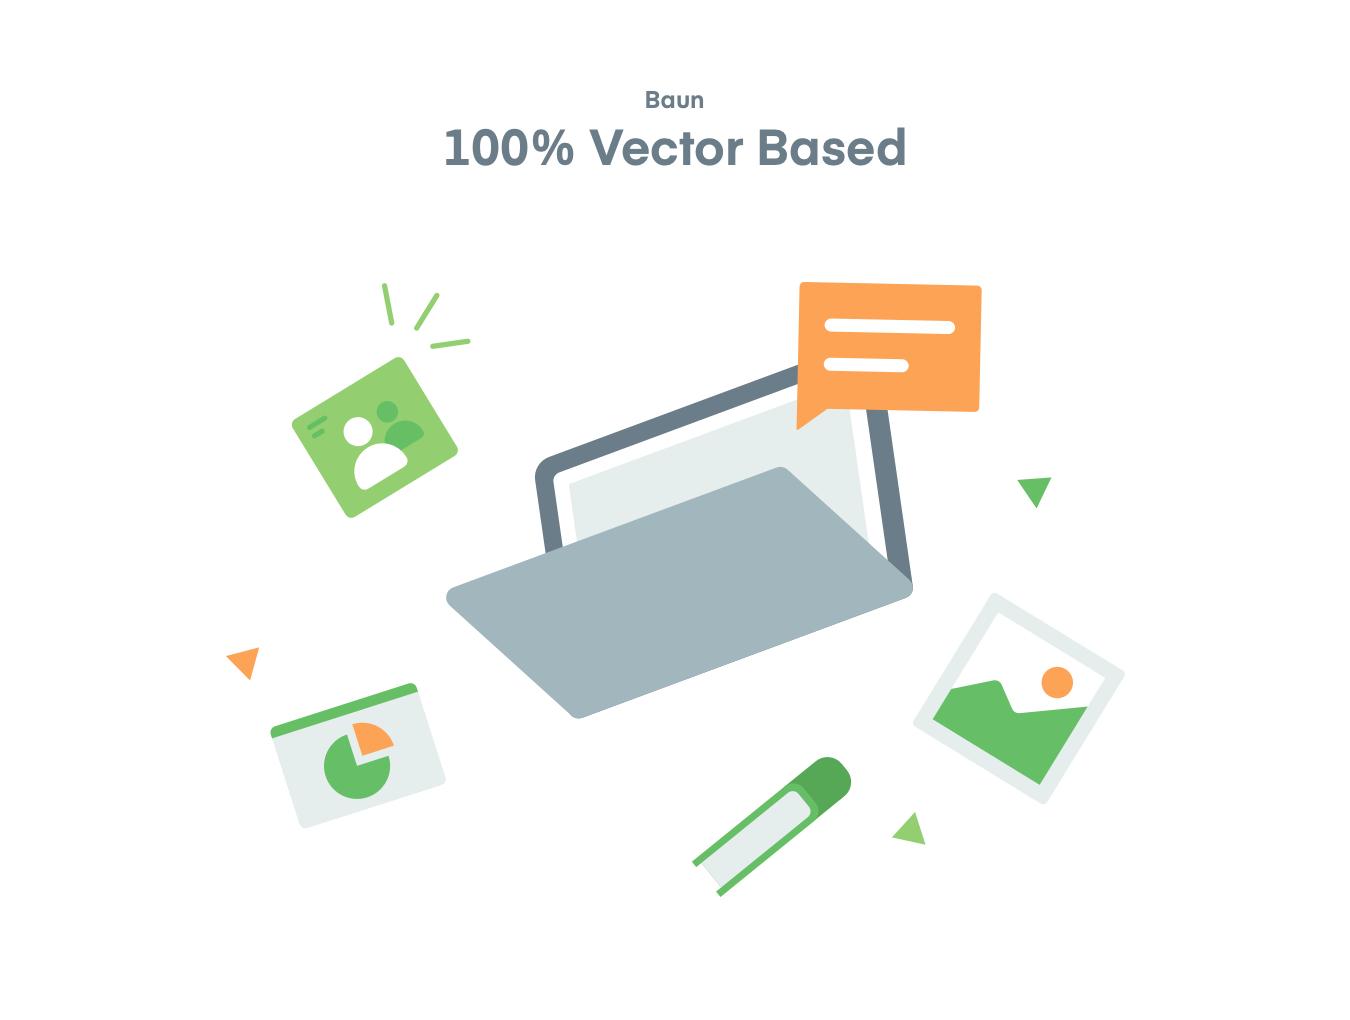 办公房屋电子设备矢量插图图标 Baun Easy Illustration插图2